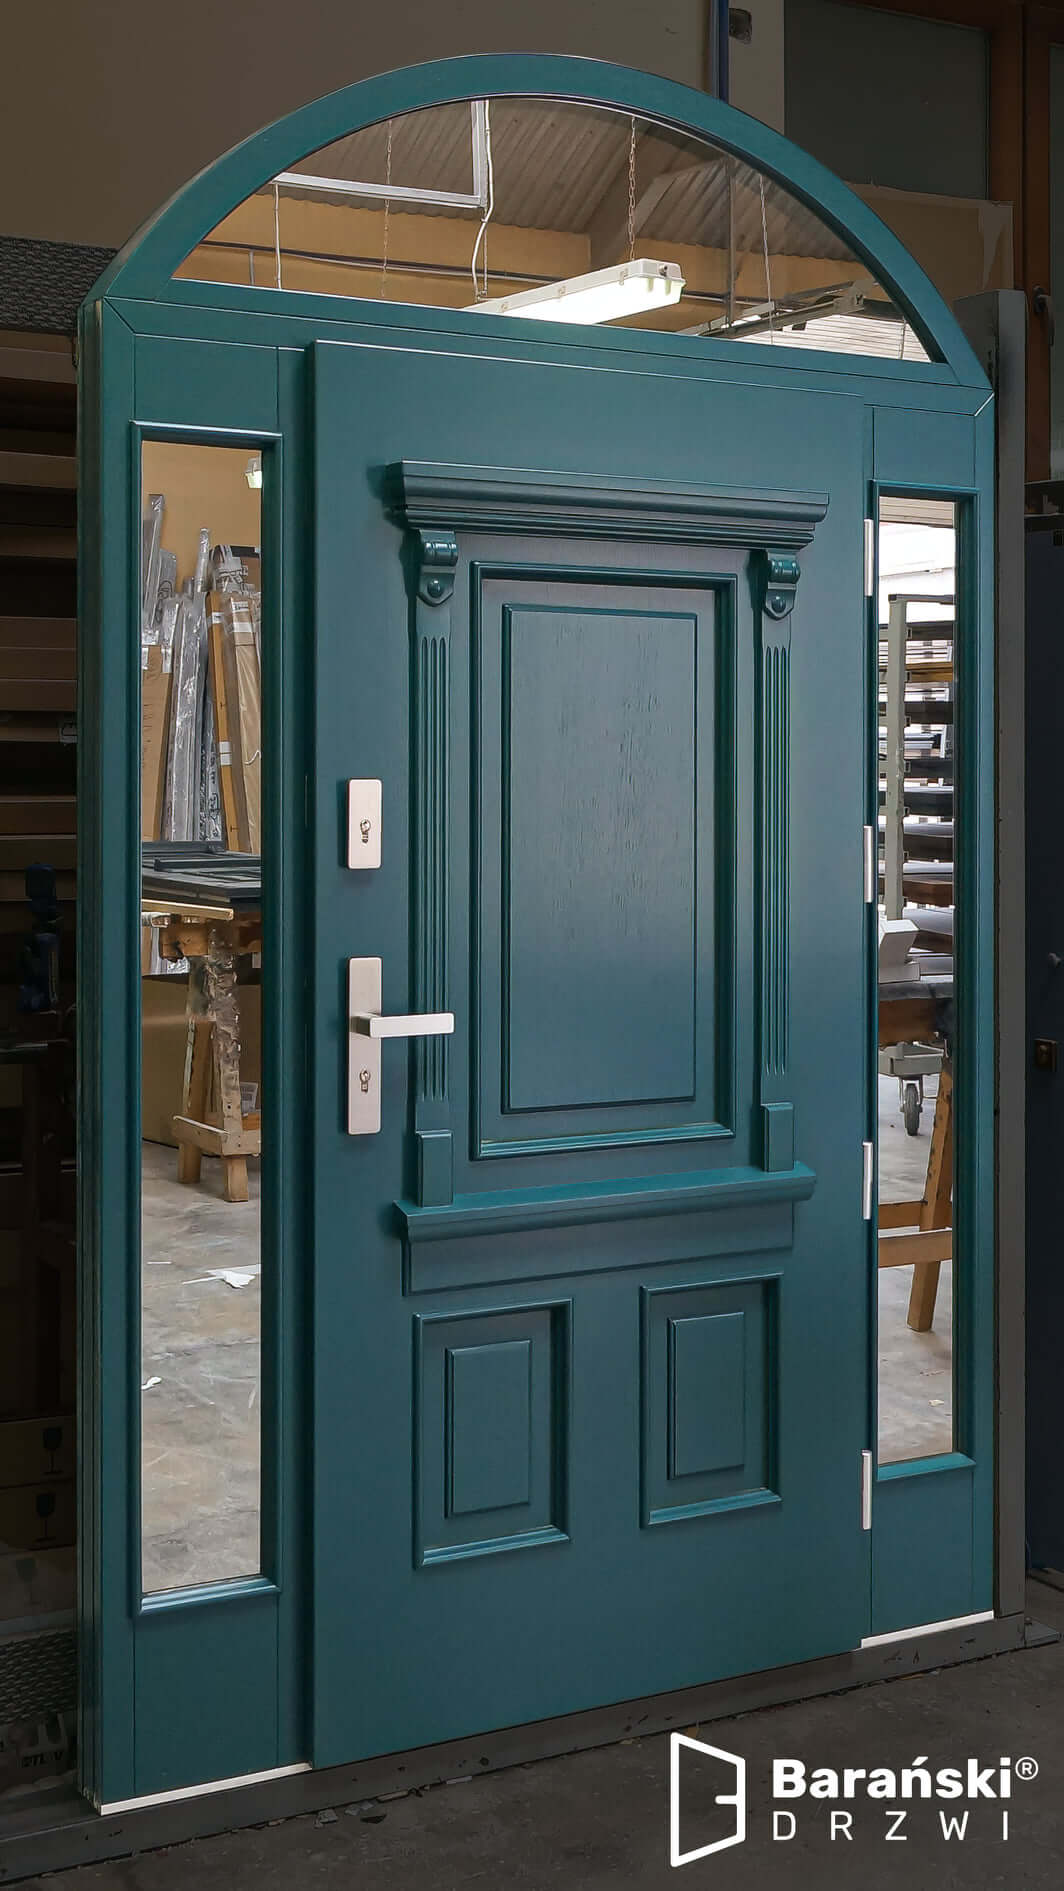 Barański Drzwi - drzwi wejściowe z dostawkami w stylu amerykańskim - zieleń